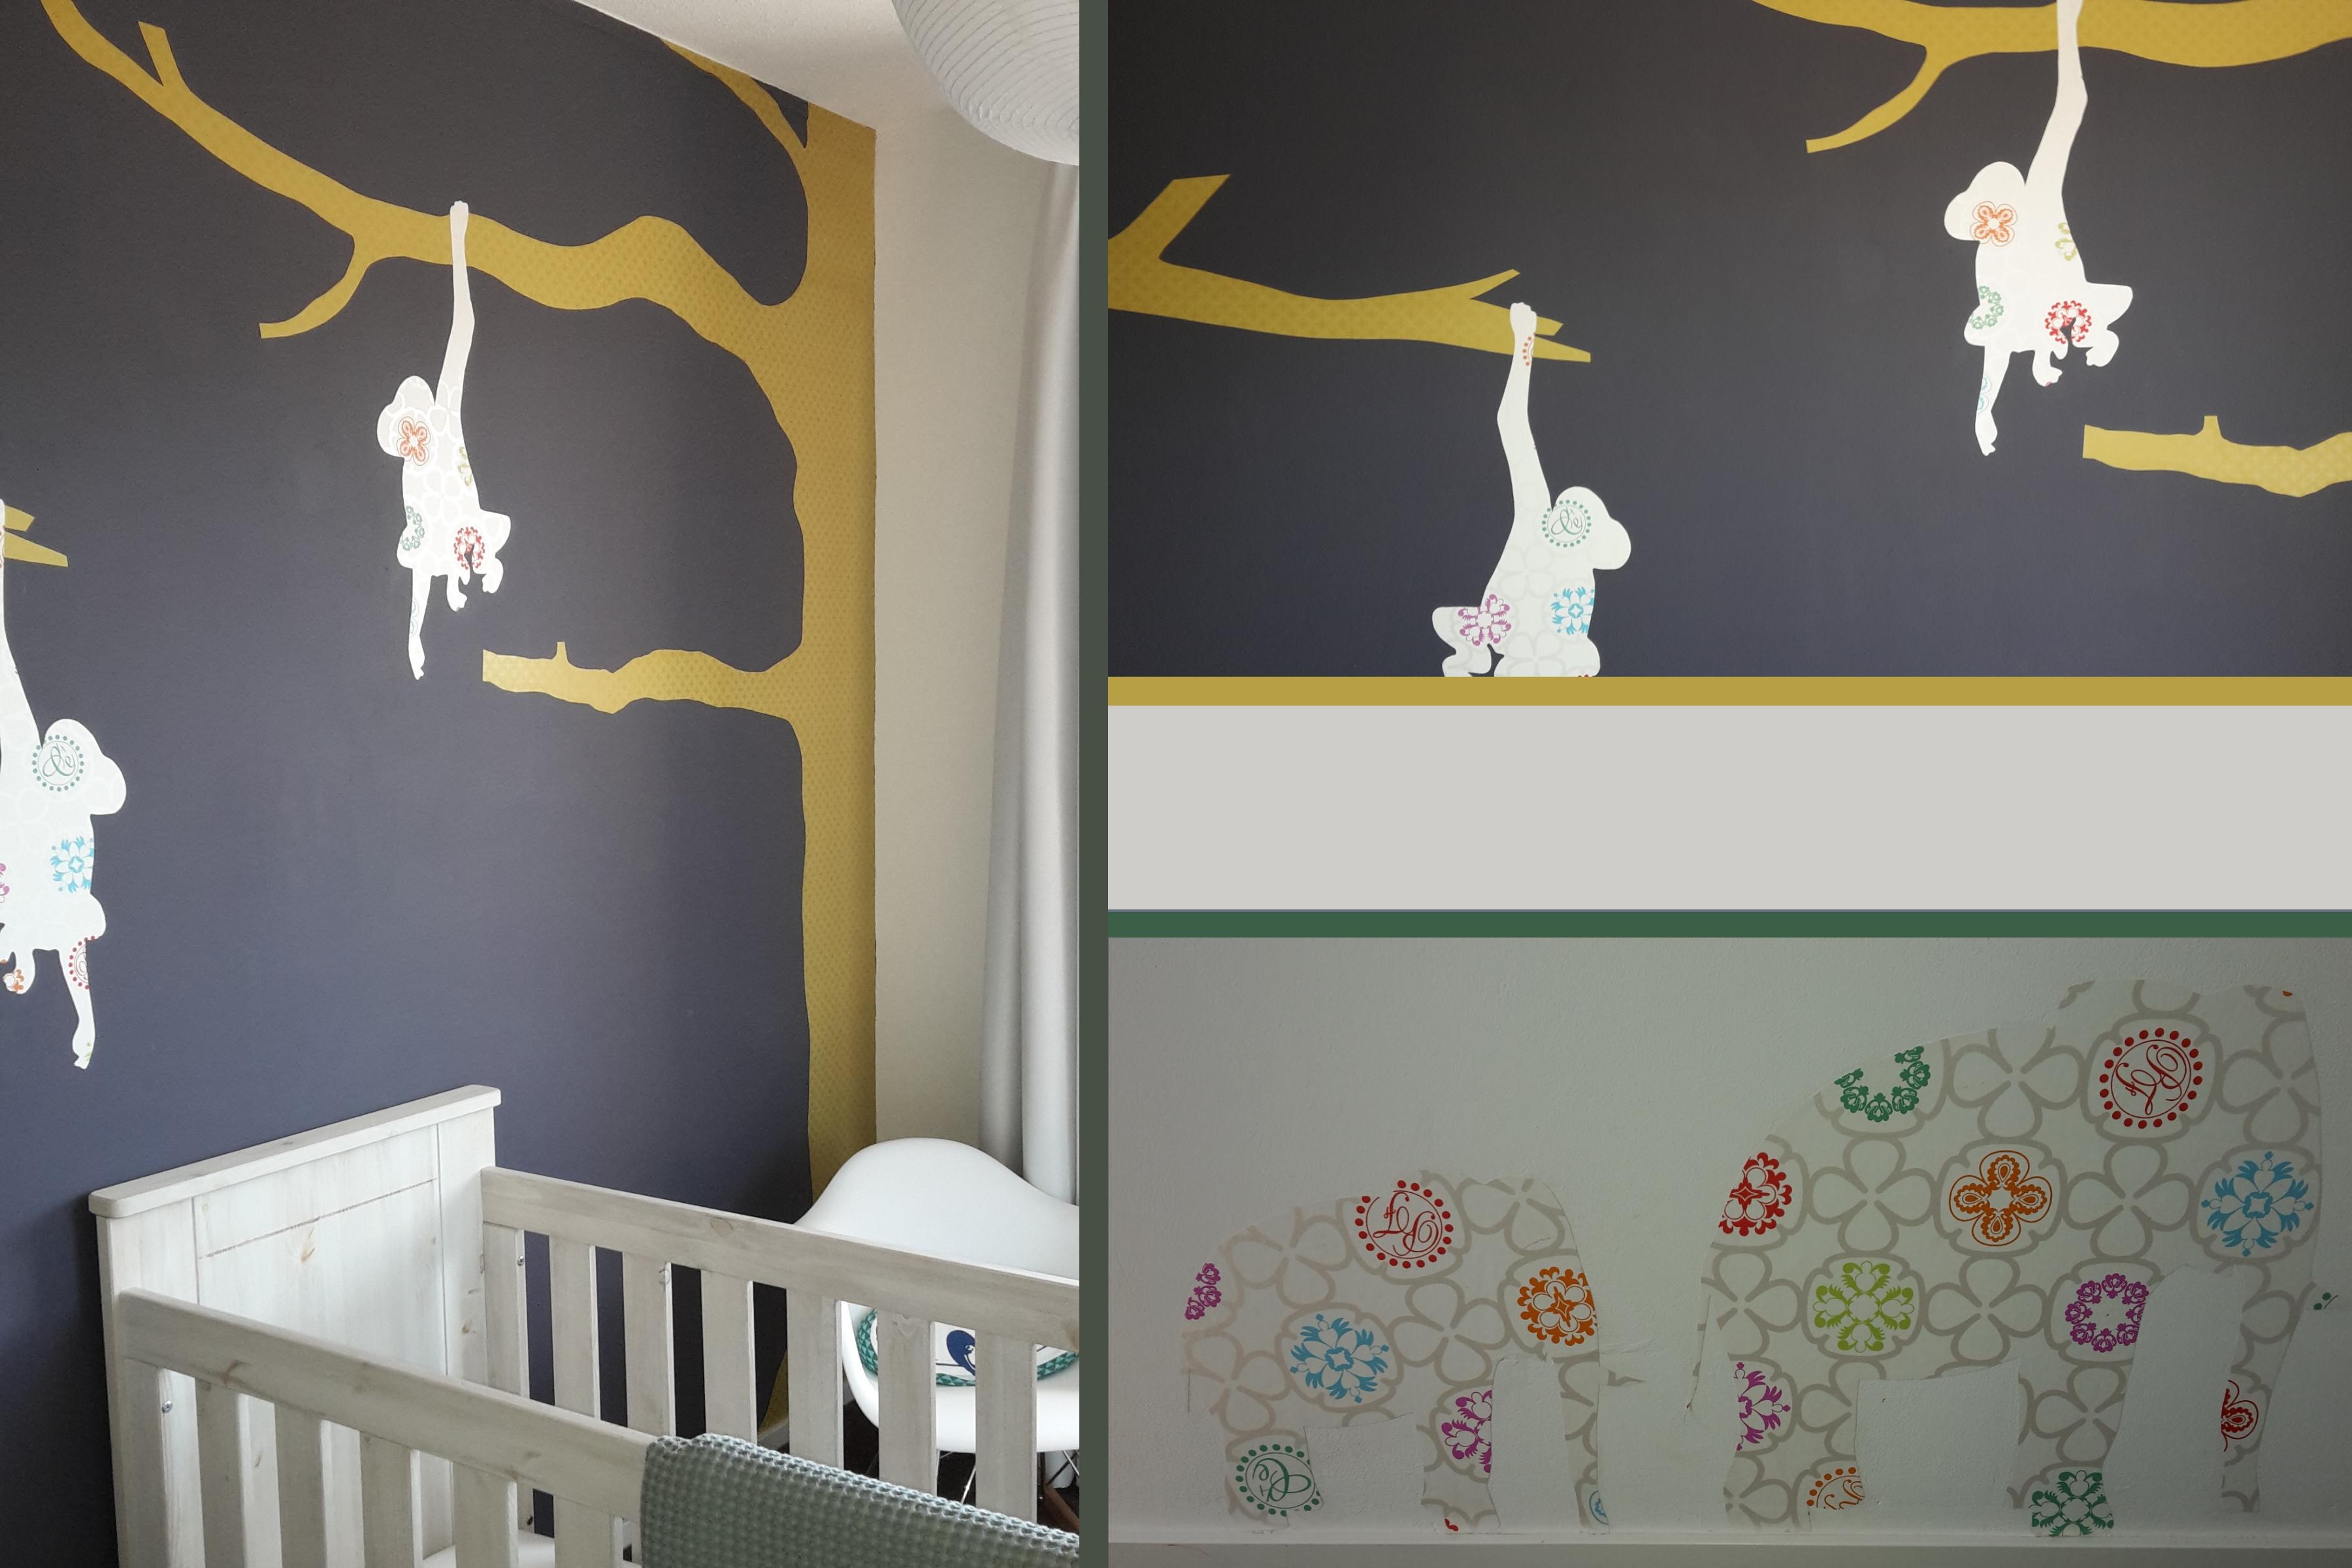 Behang Boom Kinderkamer : Kinderkamer inrichten deel 2 voor wonen waar je blij van wordt